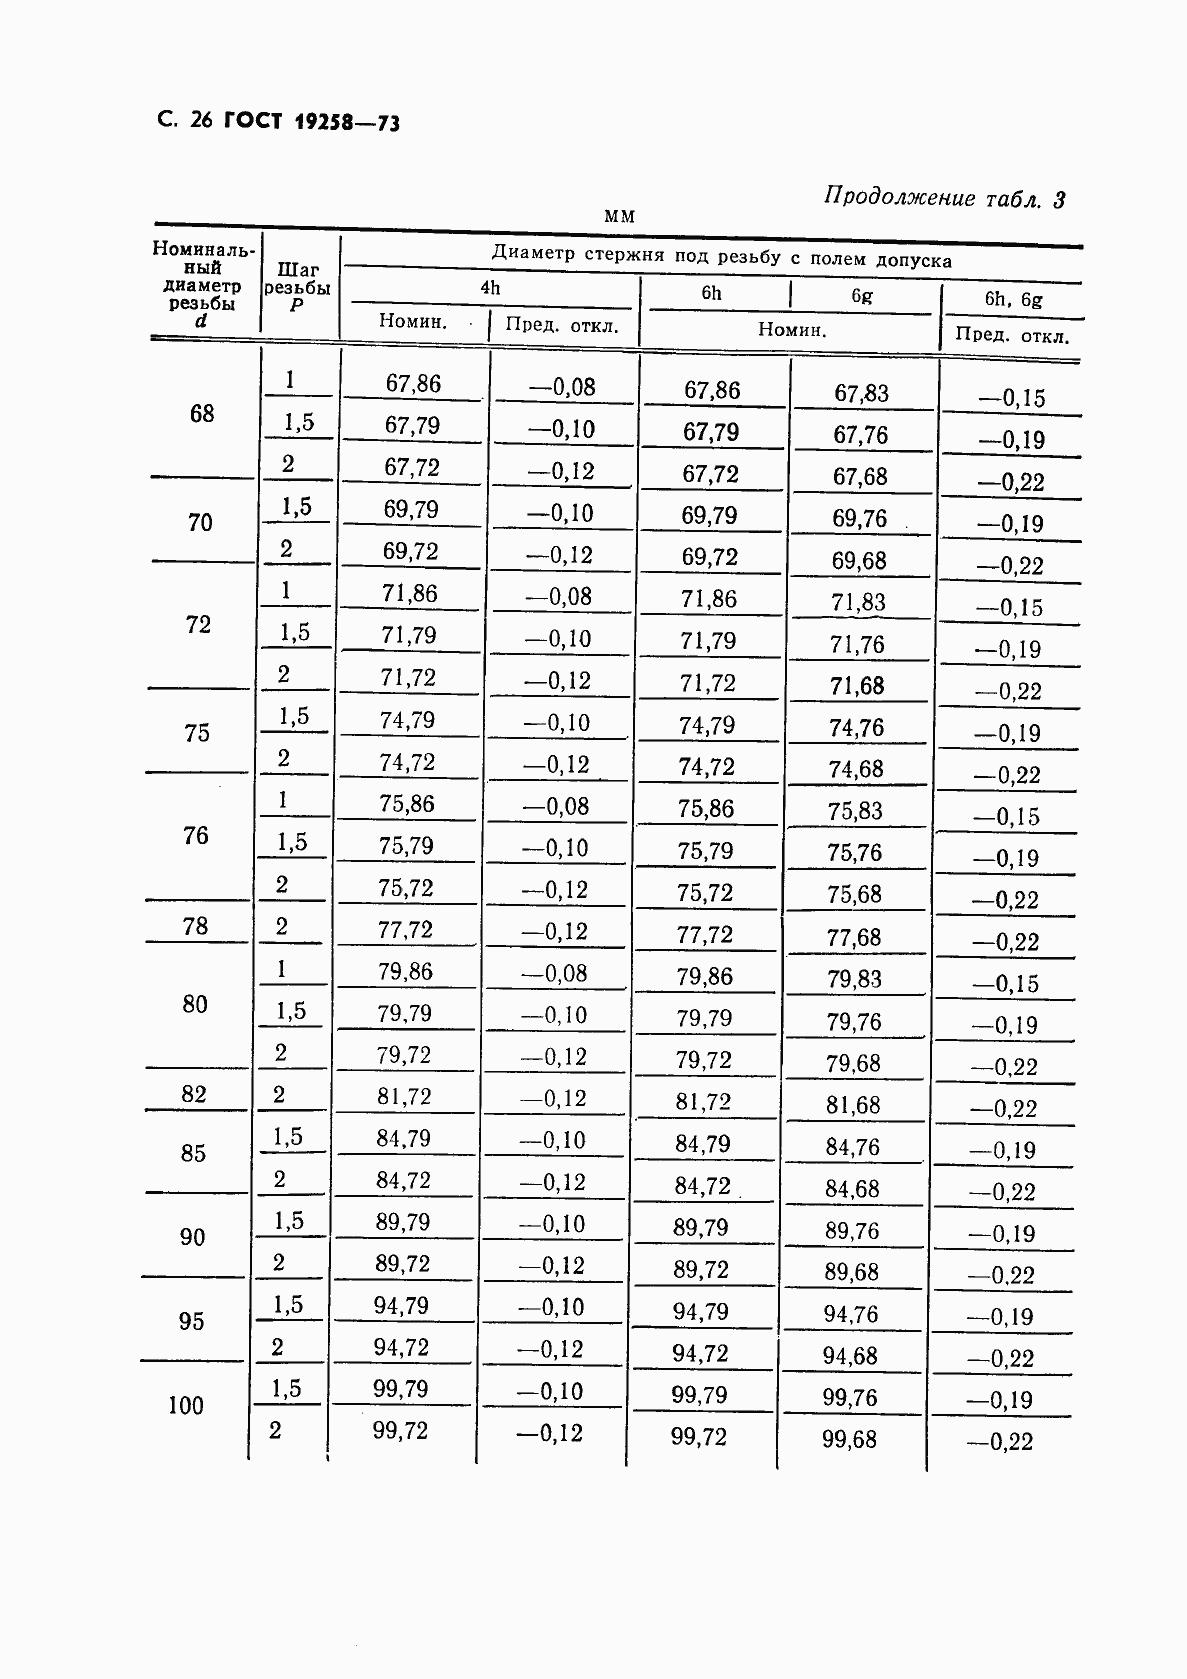 ГОСТ 19258-73. Страница 28